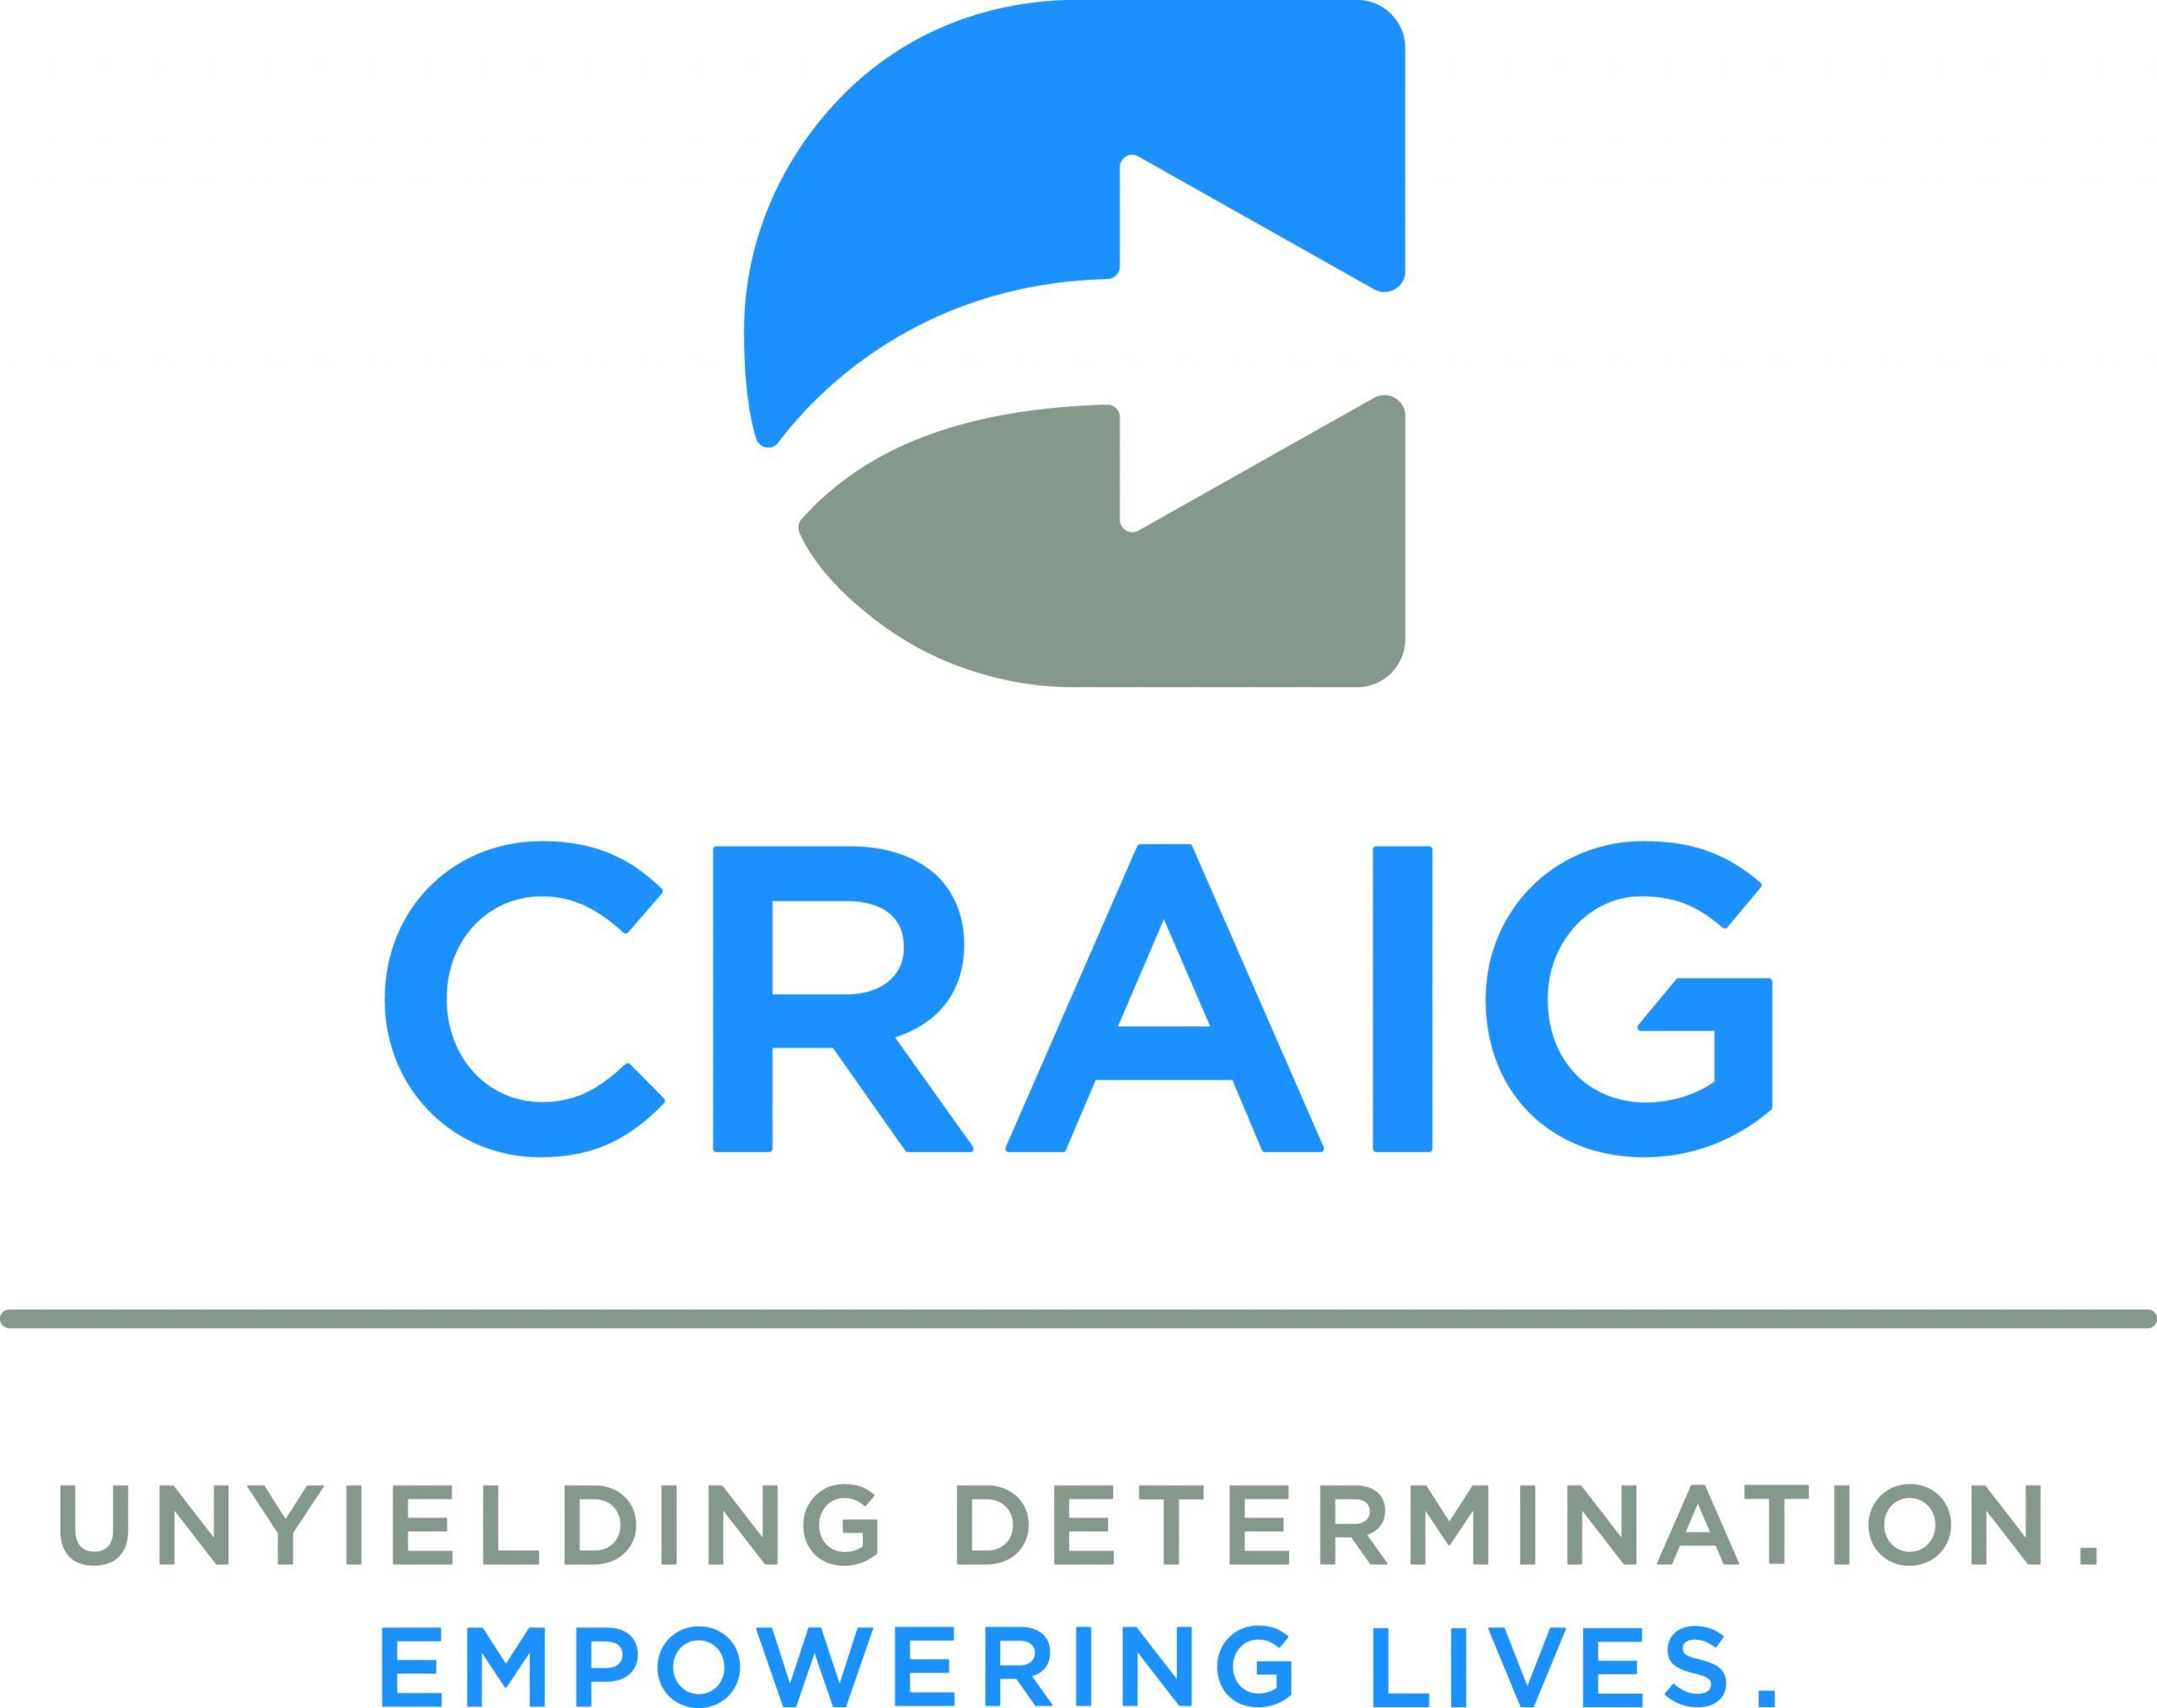 10in_Craig_PMS 285C_7539C